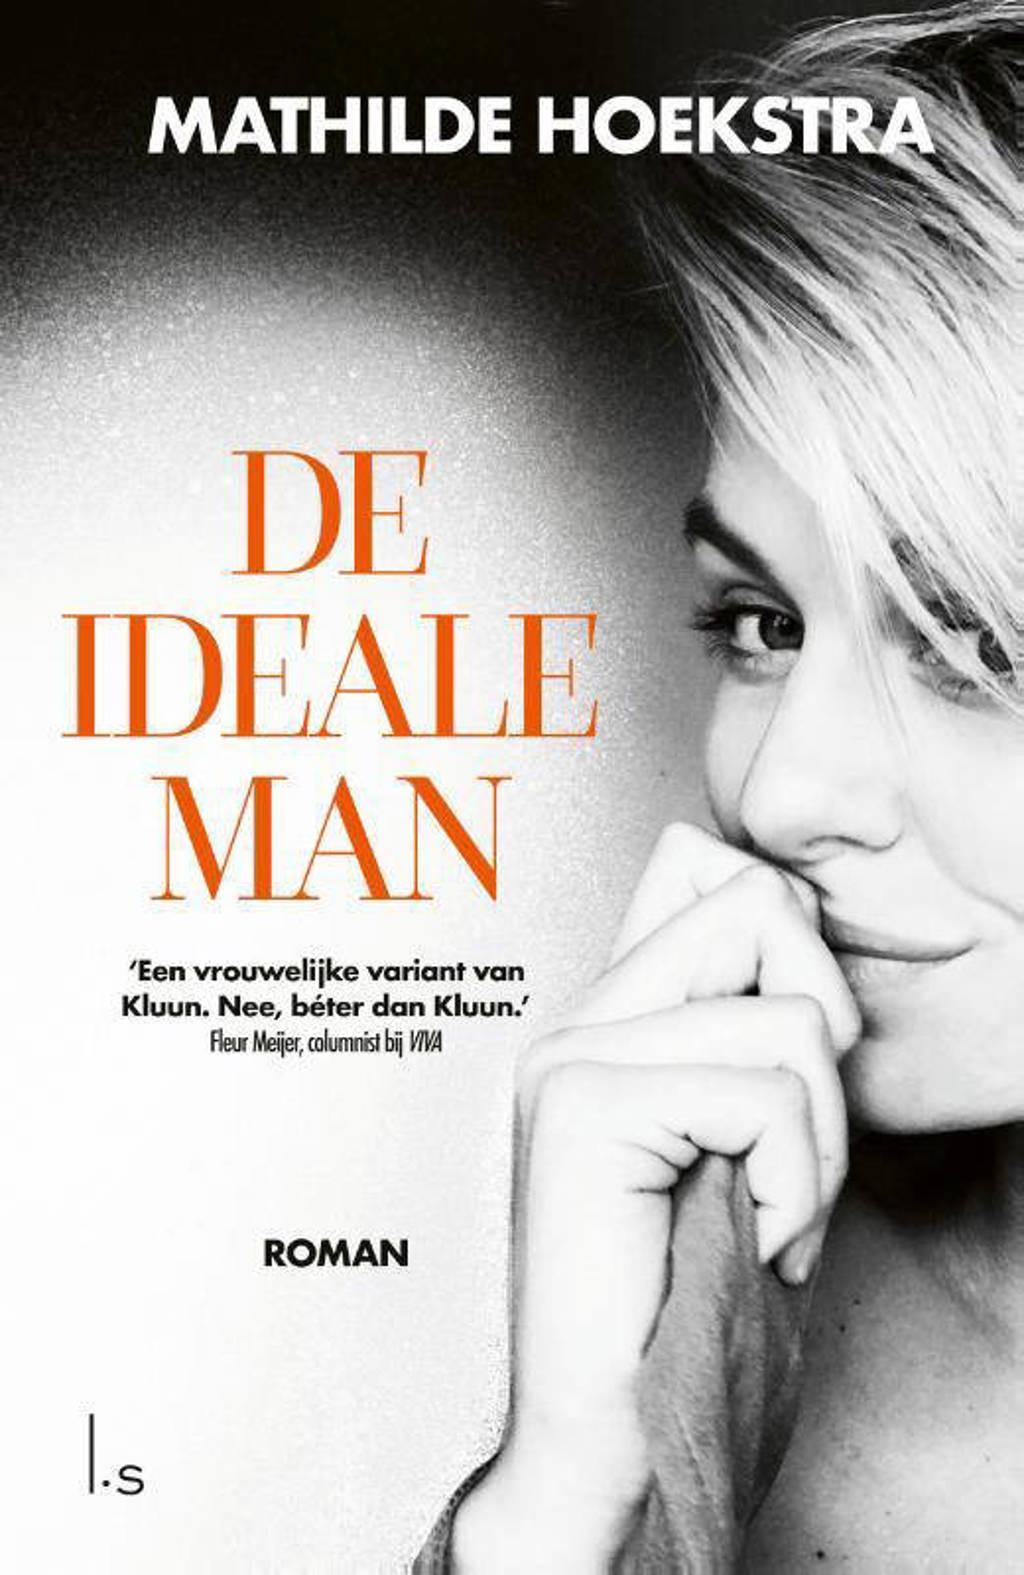 De ideale man - Mathilde Hoekstra